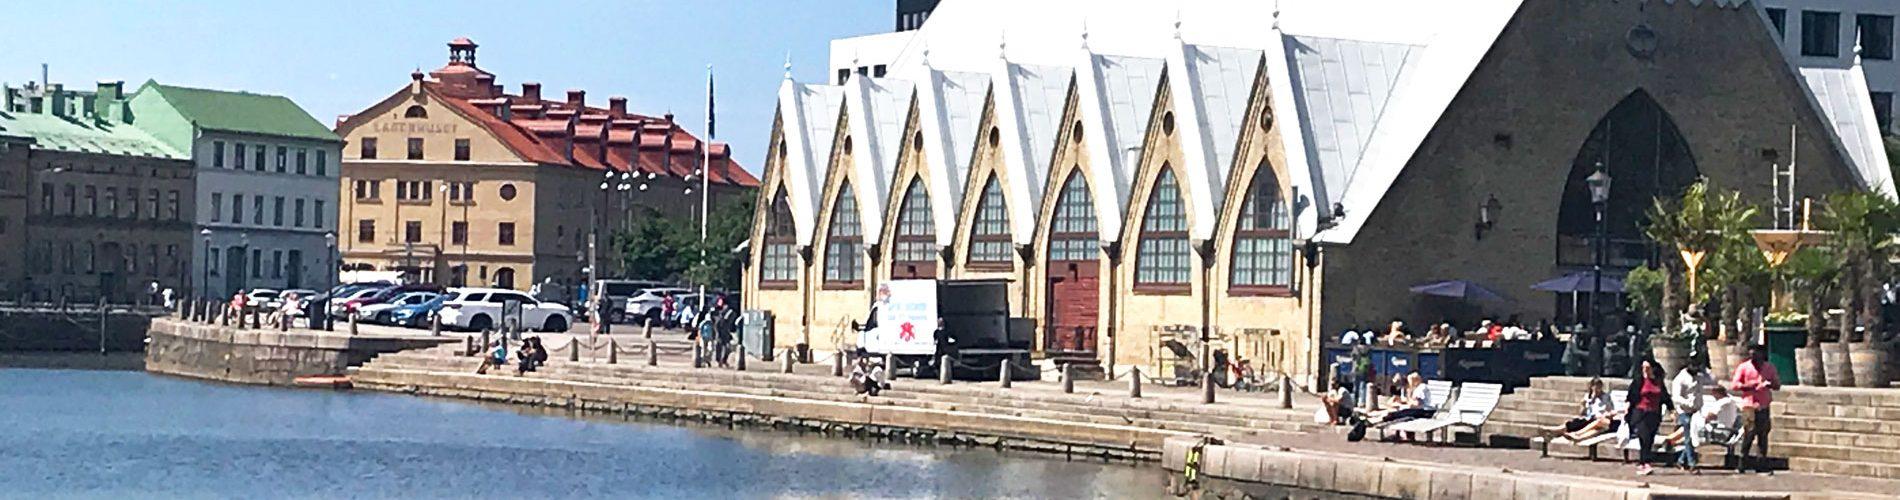 Gothenburg-Fish-church-header